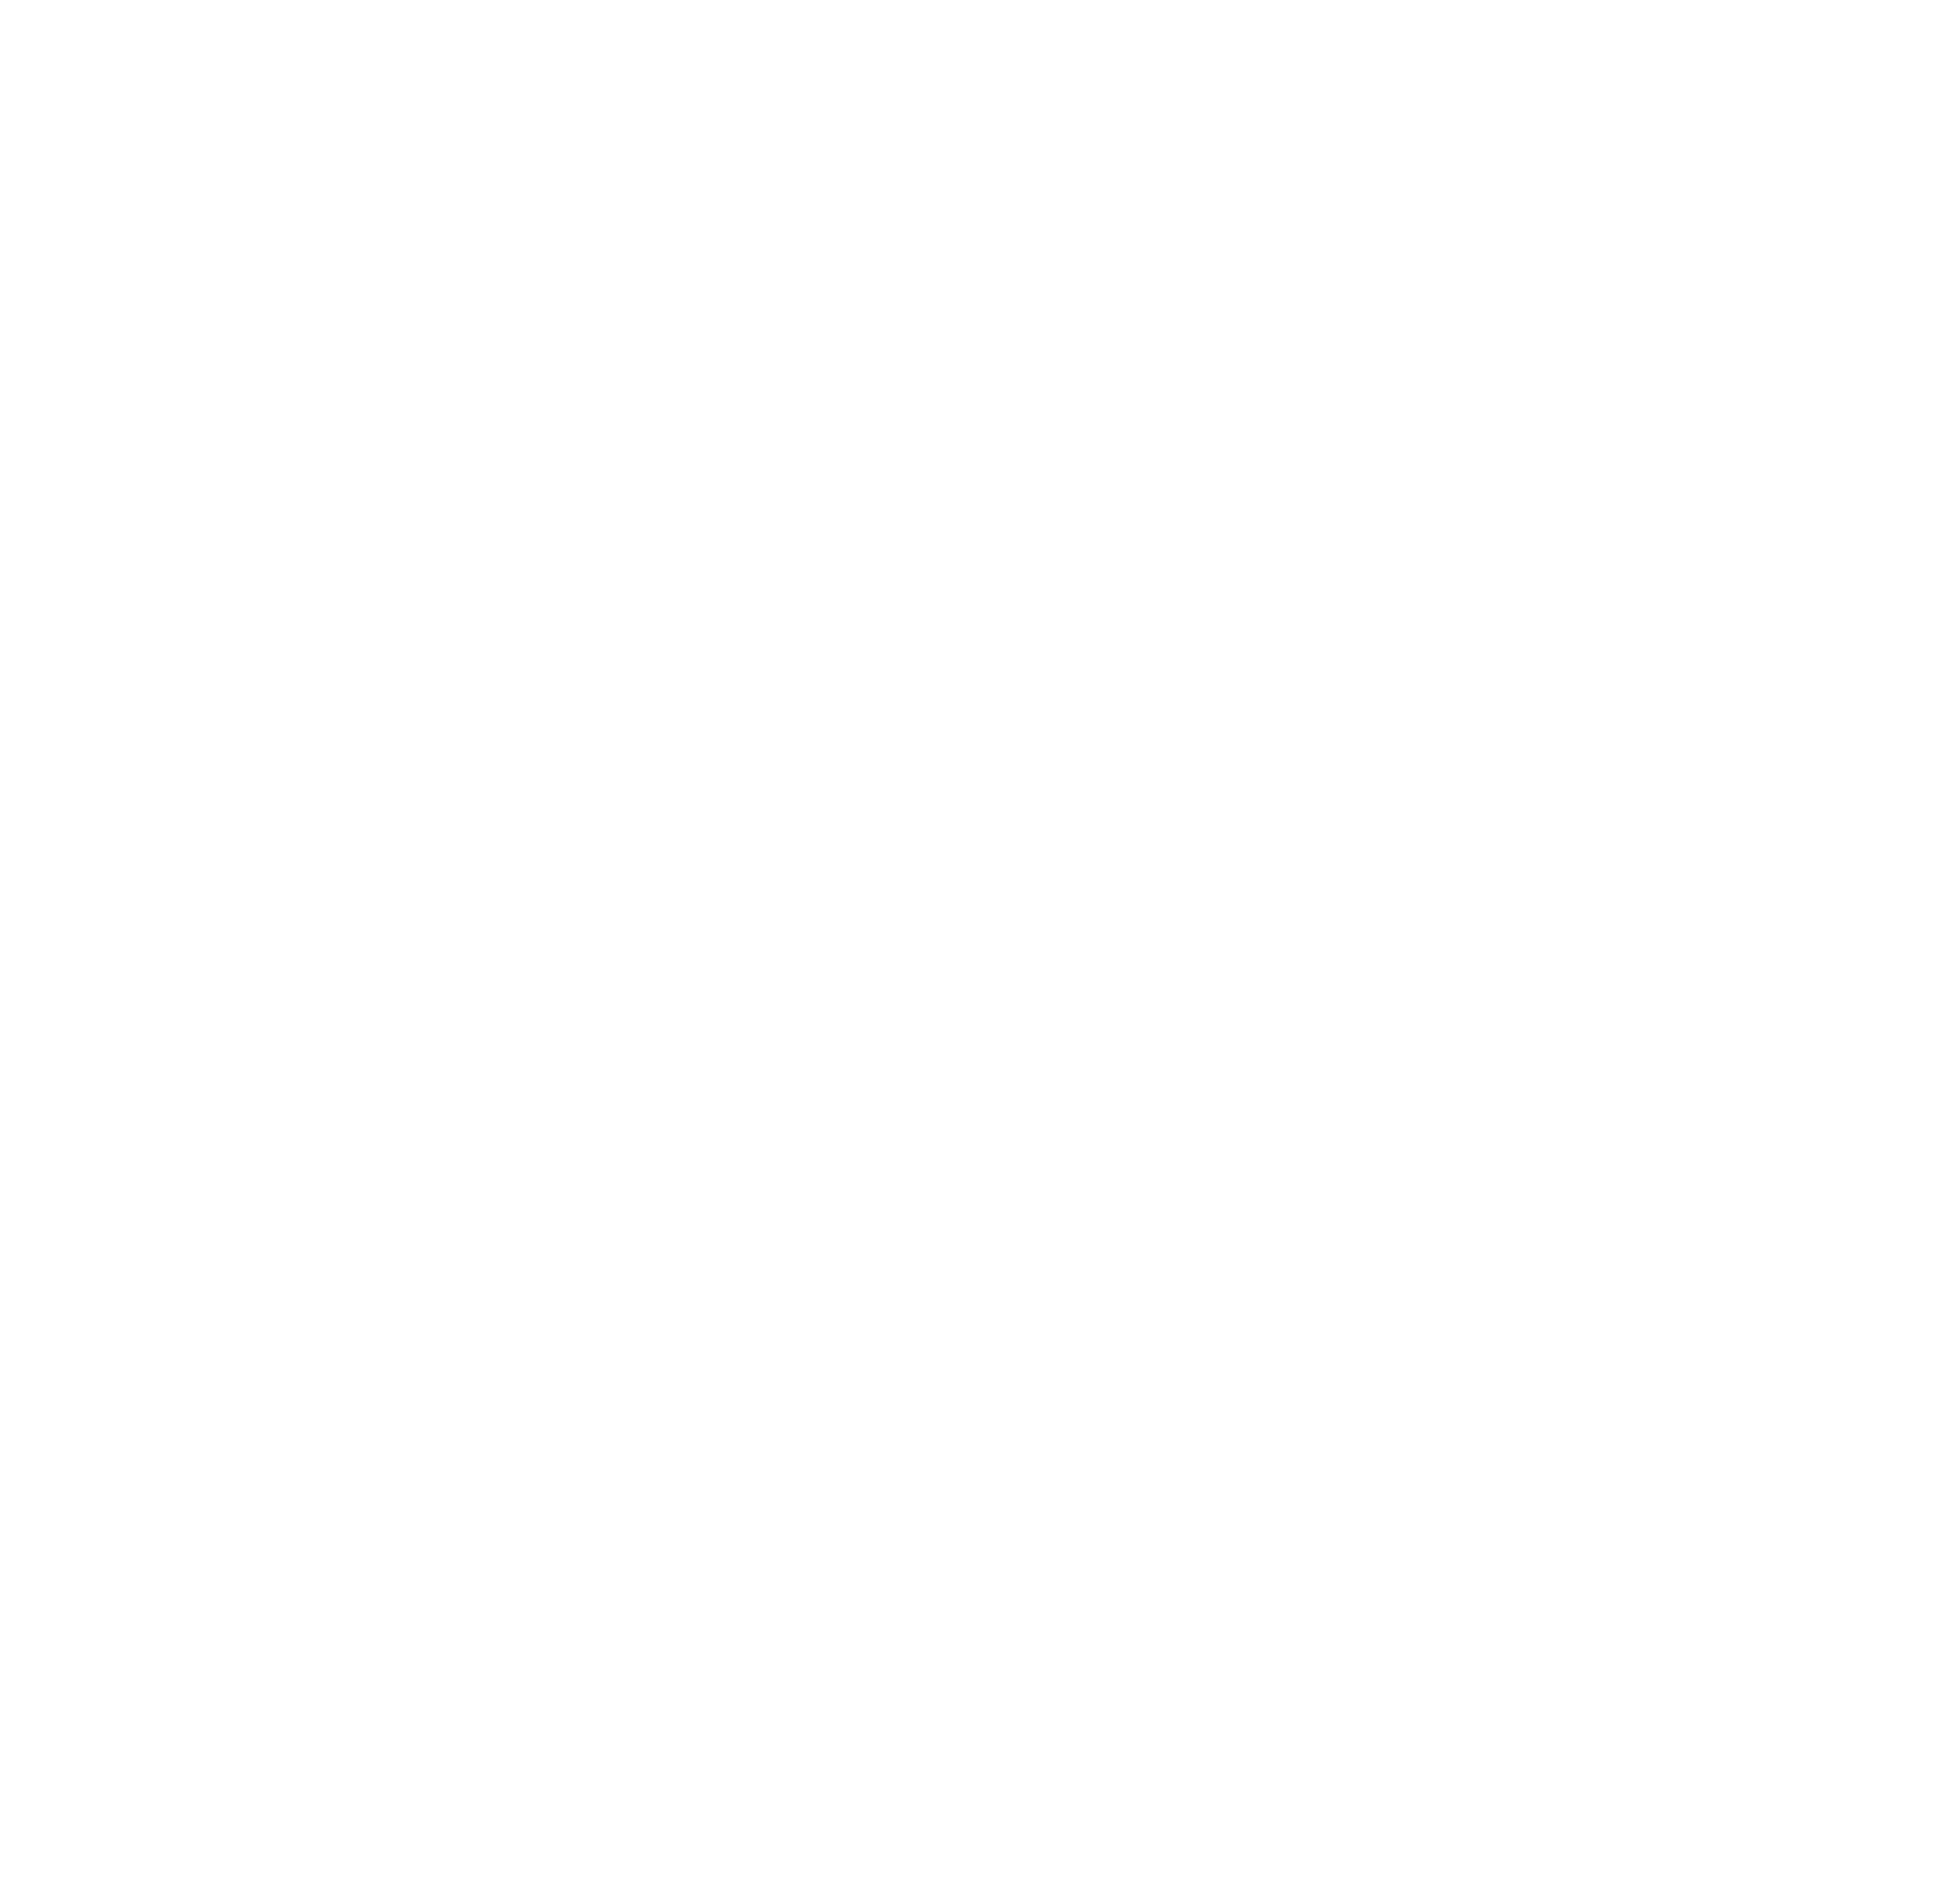 Berg'n'Beef-Logo Negativ@4x